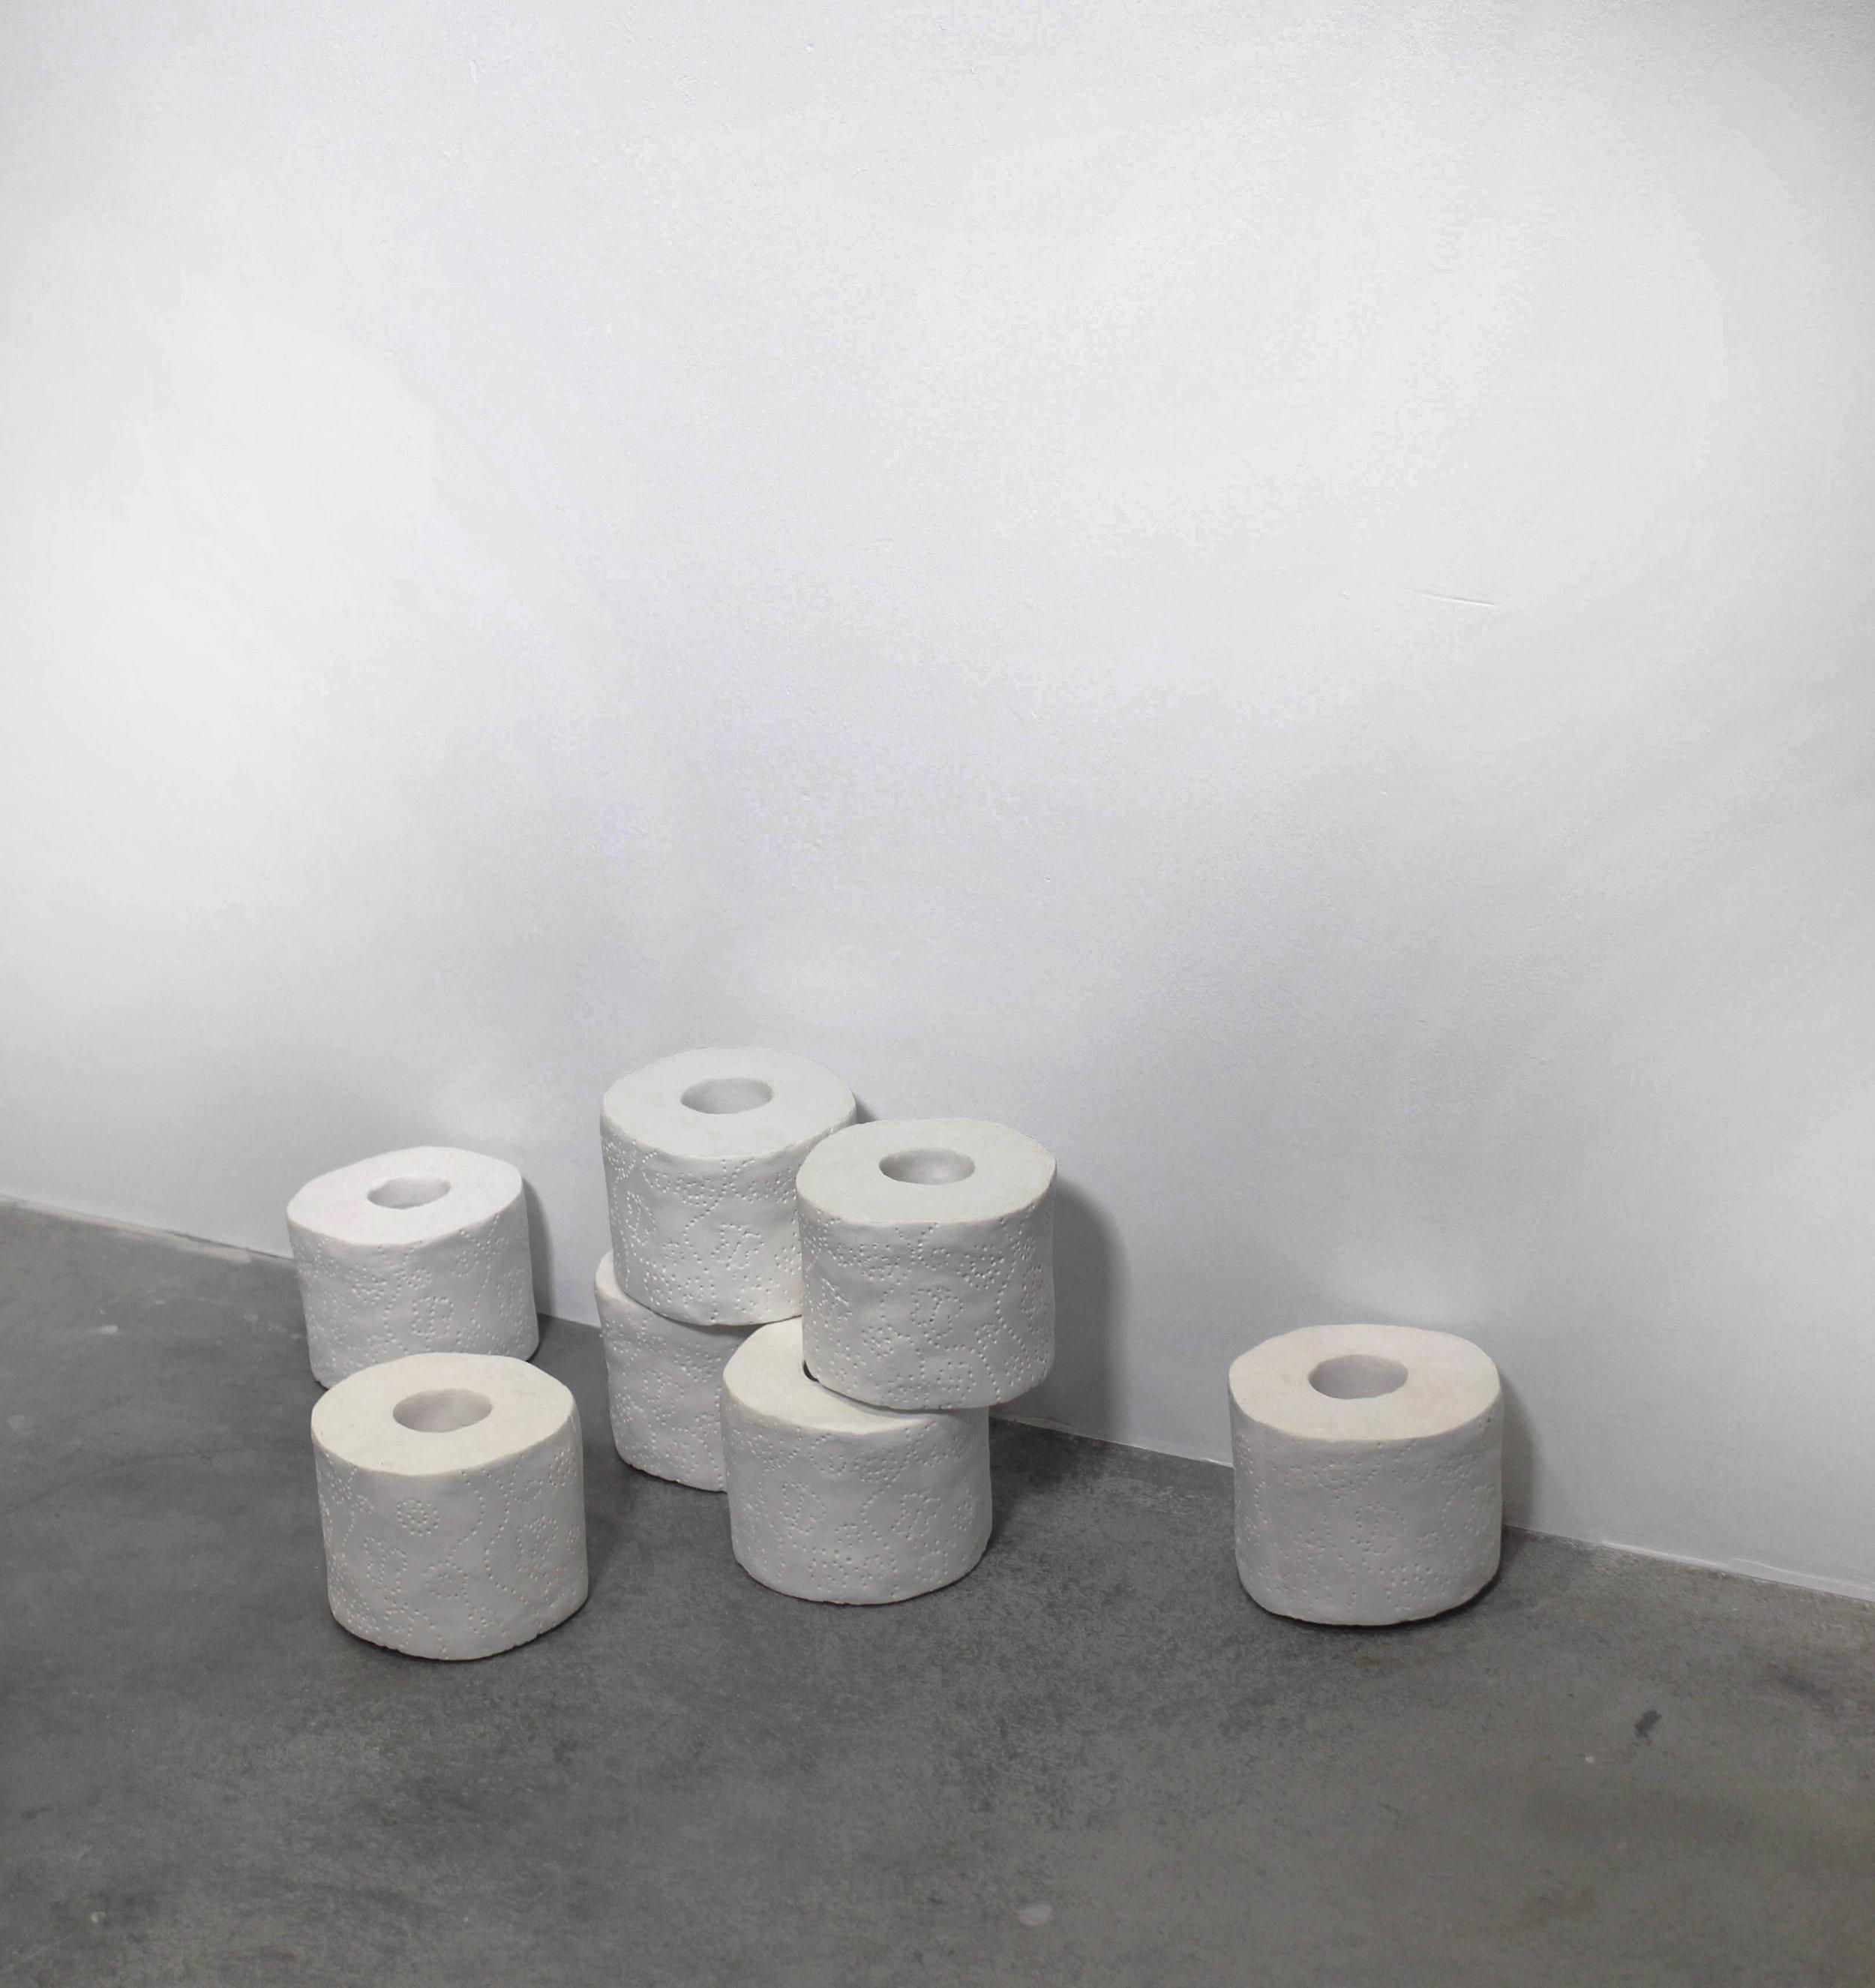 Toilet Paper Rolls, 2015